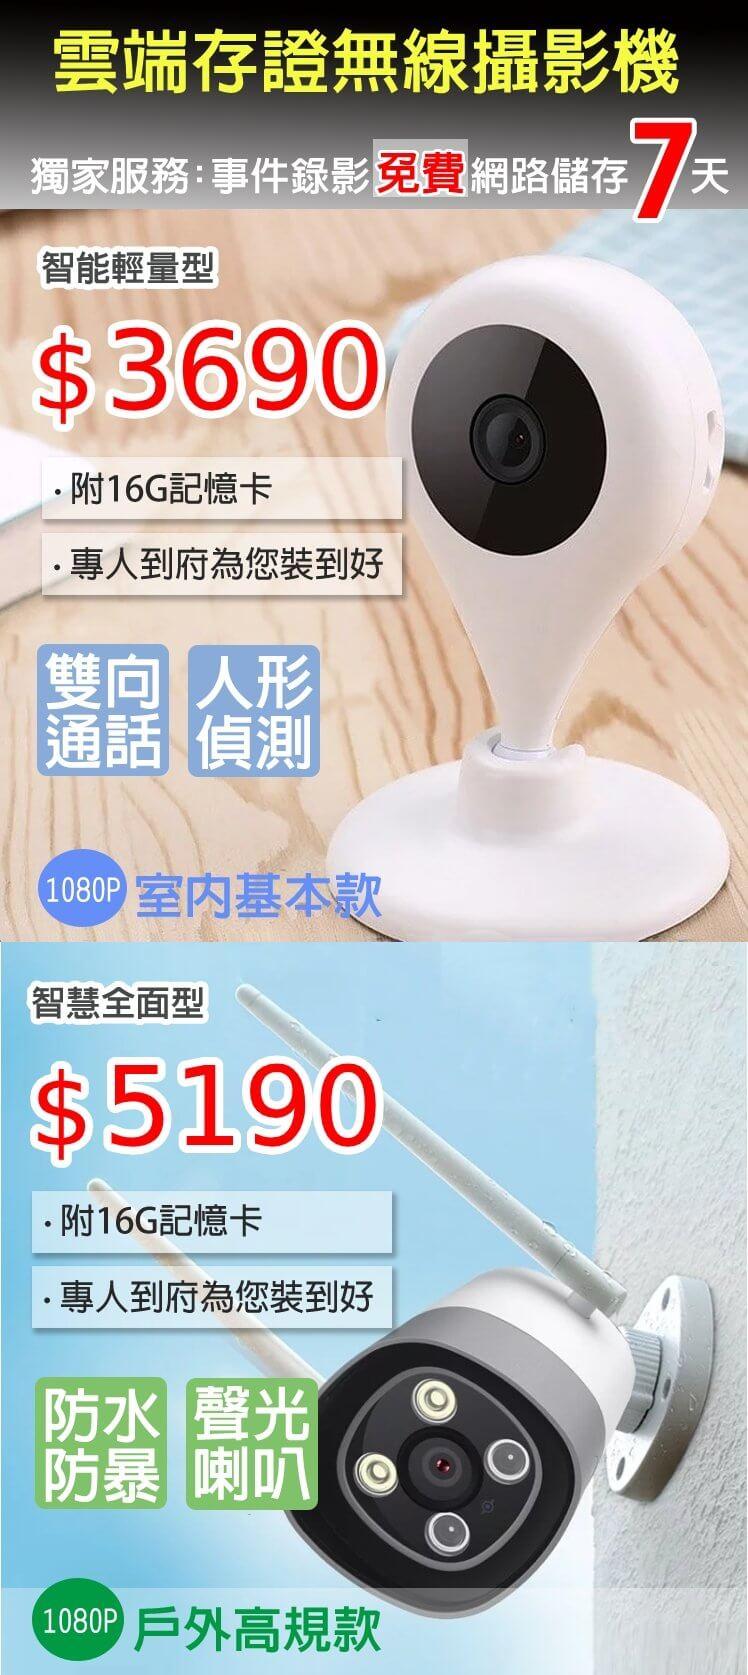 監視器安裝價格